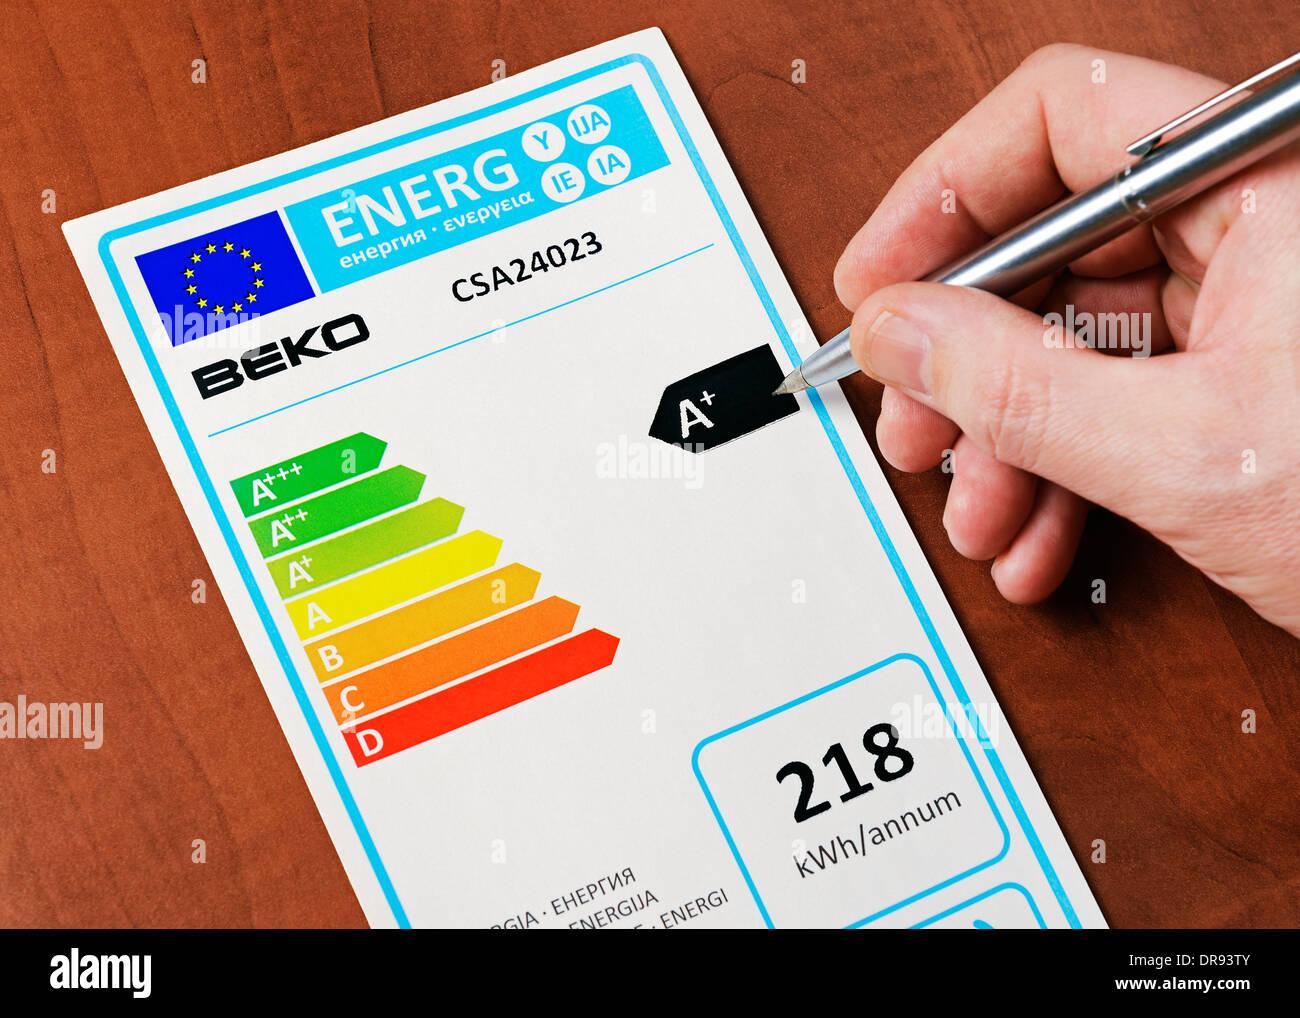 Etiqueta de consumo de energía de la Unión Europea. Imagen De Stock